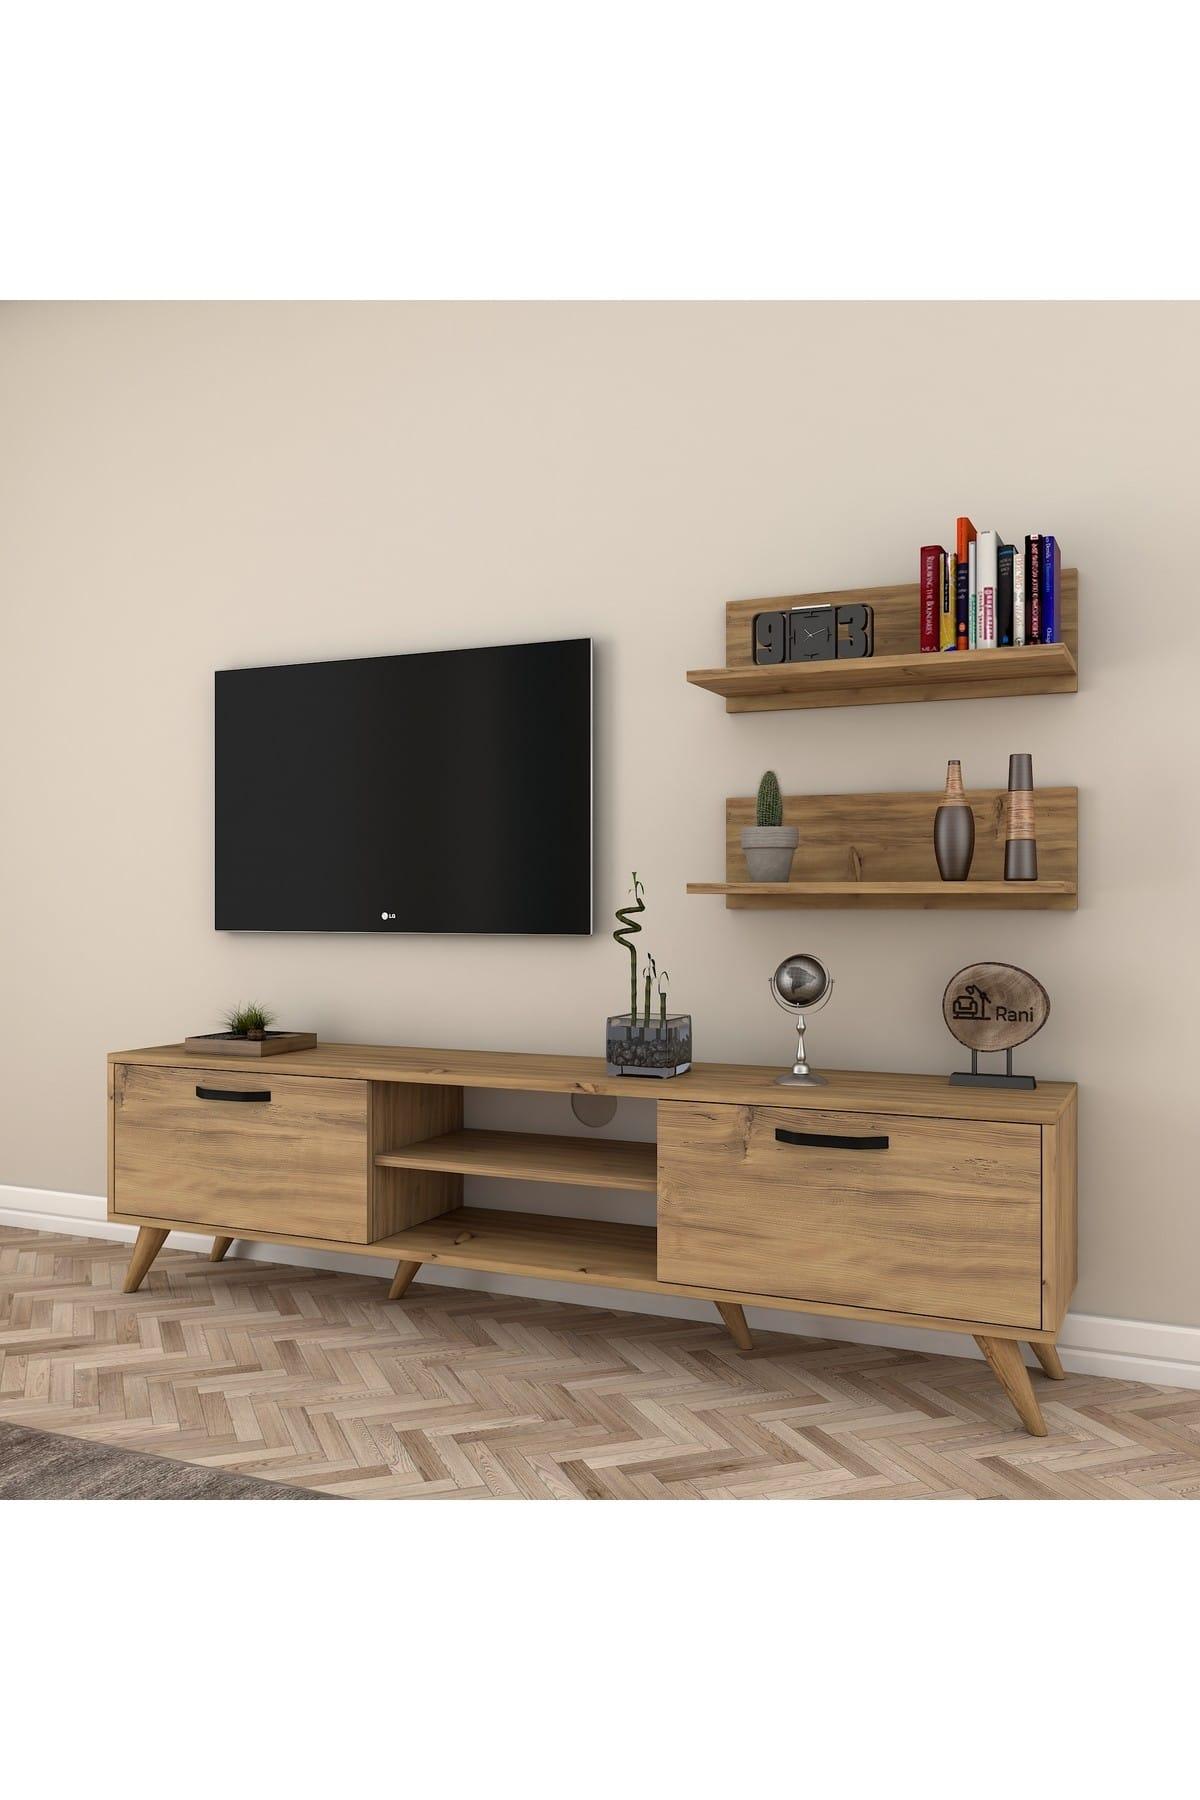 Rani A5 Duvar Raflı Kitaplıklı Tv Ünitesi Modern Ayaklı Tv Sehpası Ceviz M48